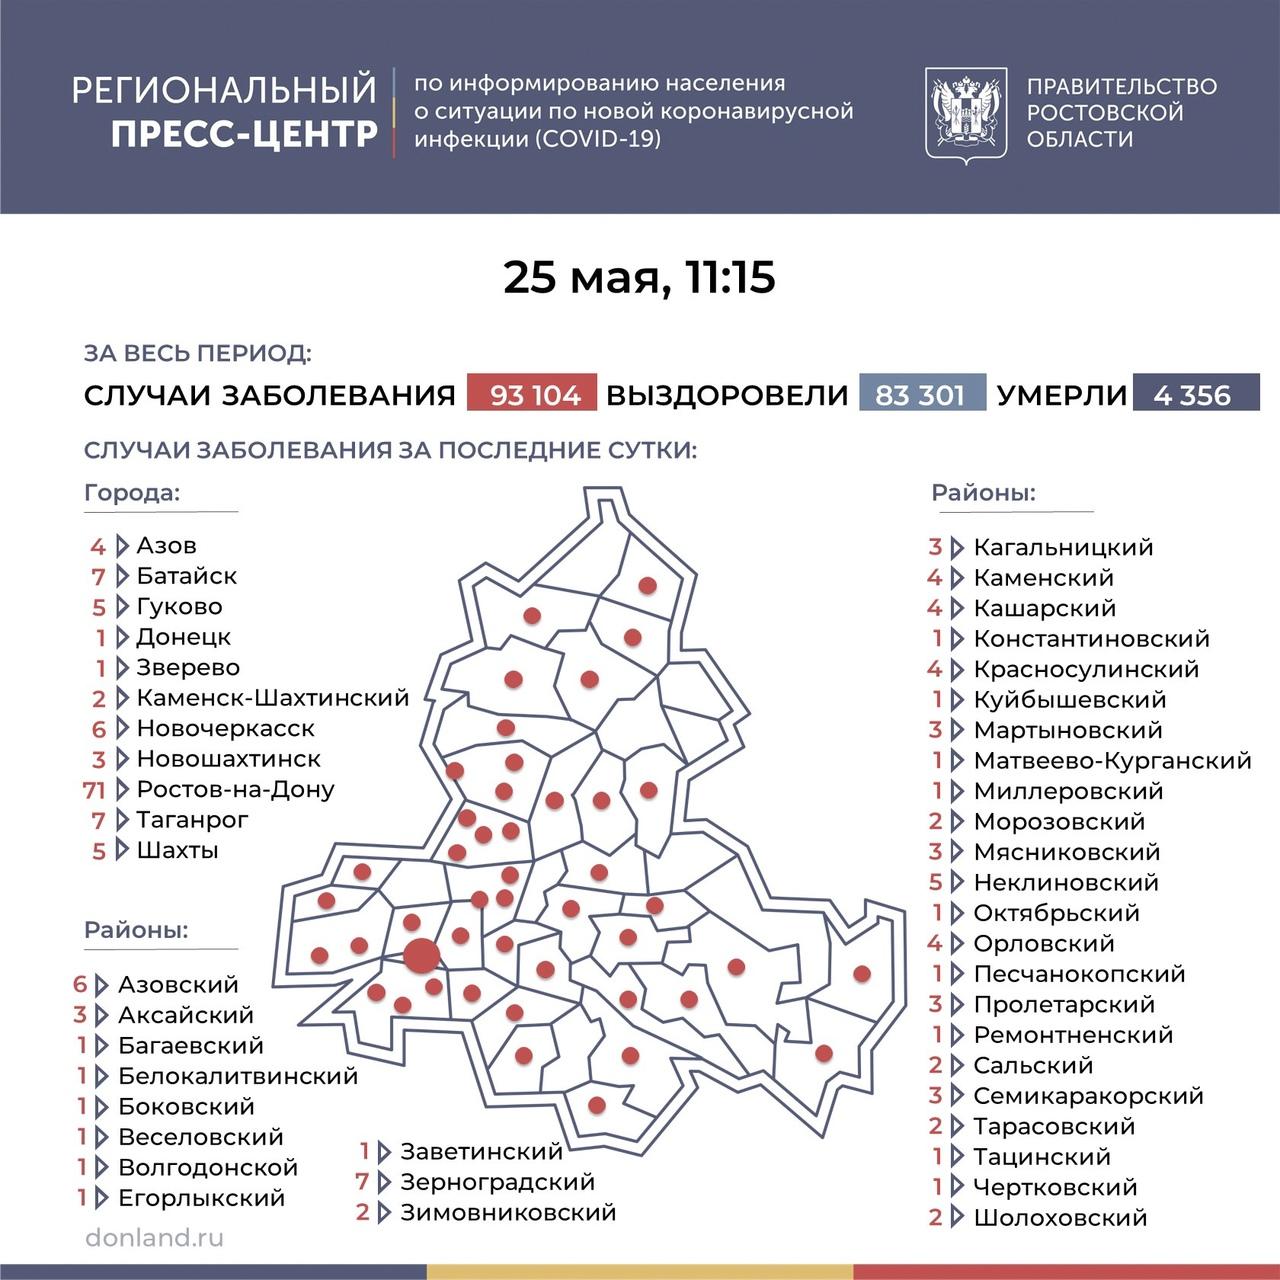 На Дону число инфицированных COVID-19 составляет 190, в Таганроге 7 новых случаев